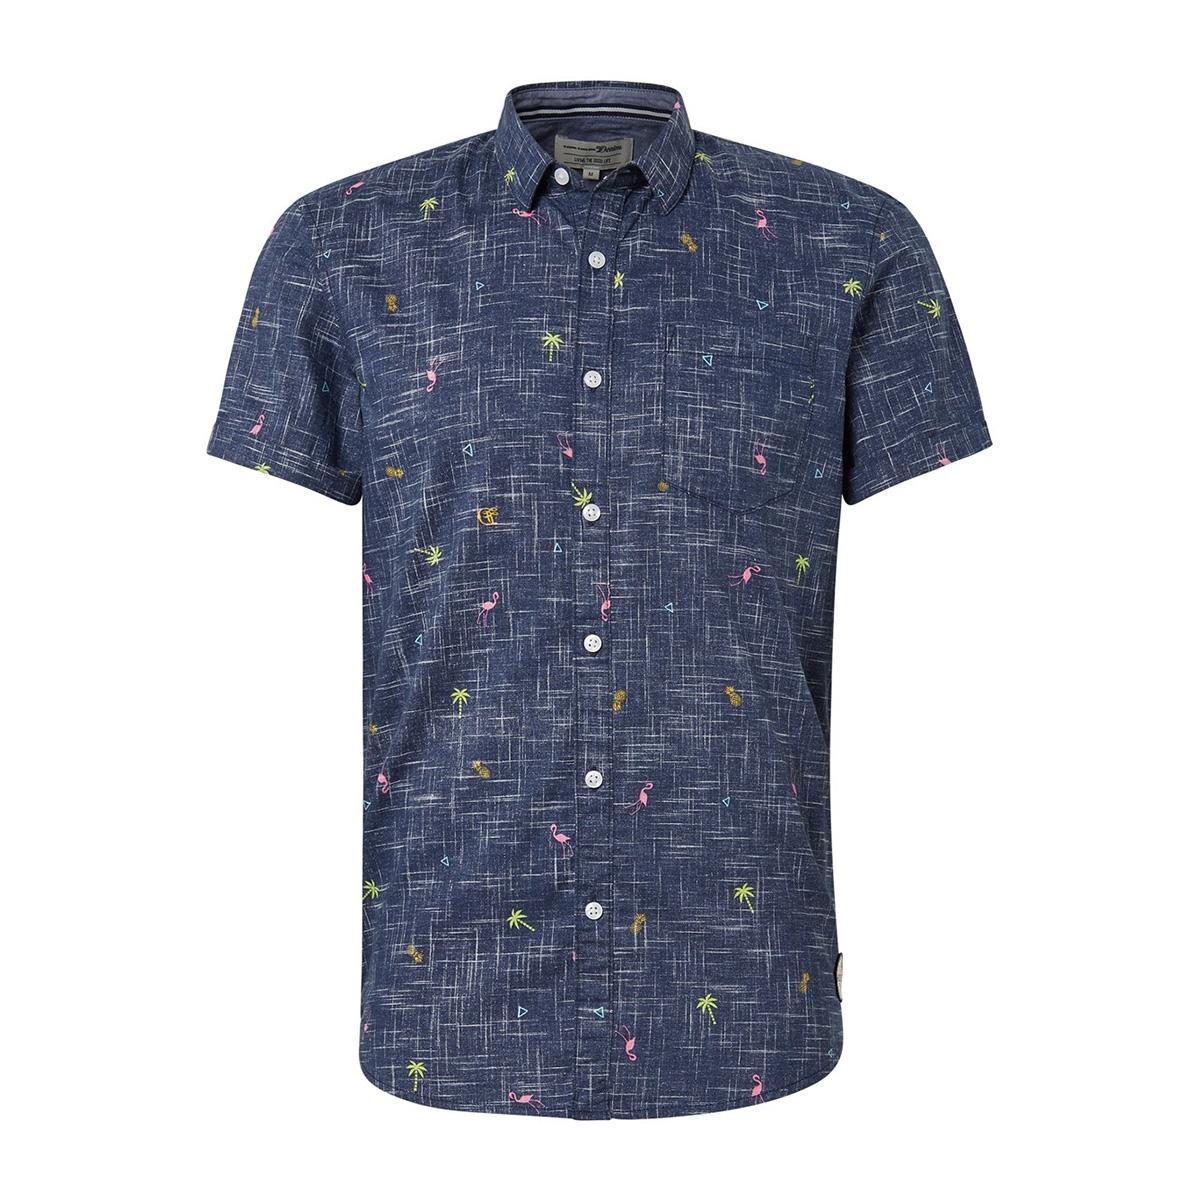 overhemd met all over print 1011877xx12 tom tailor overhemd 18290